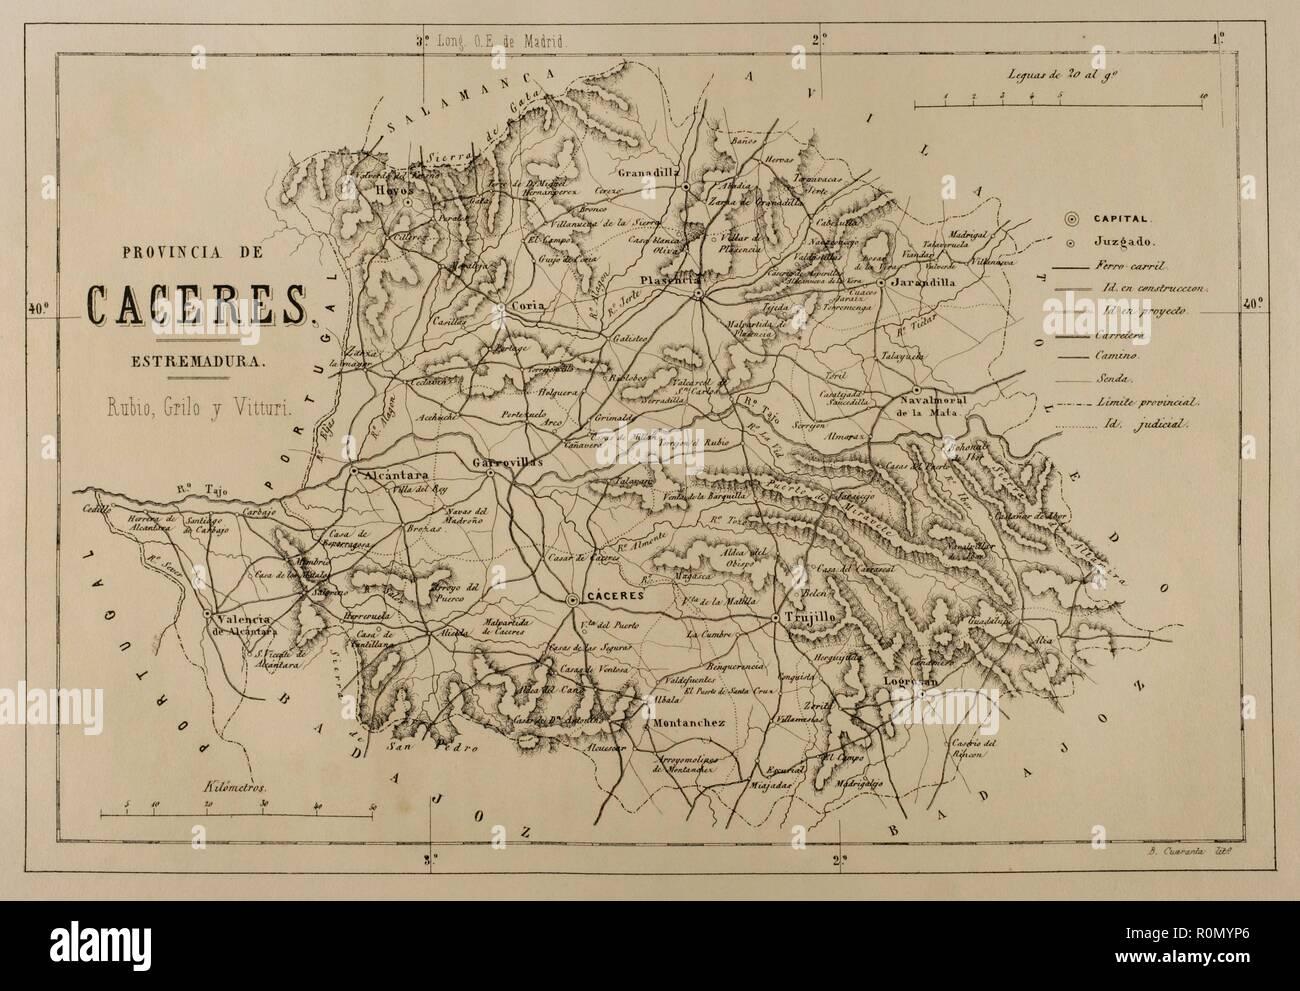 Mapa Provincia De Cordoba España.Mapa De La Provincia De Cordoba Cronica General De Espana